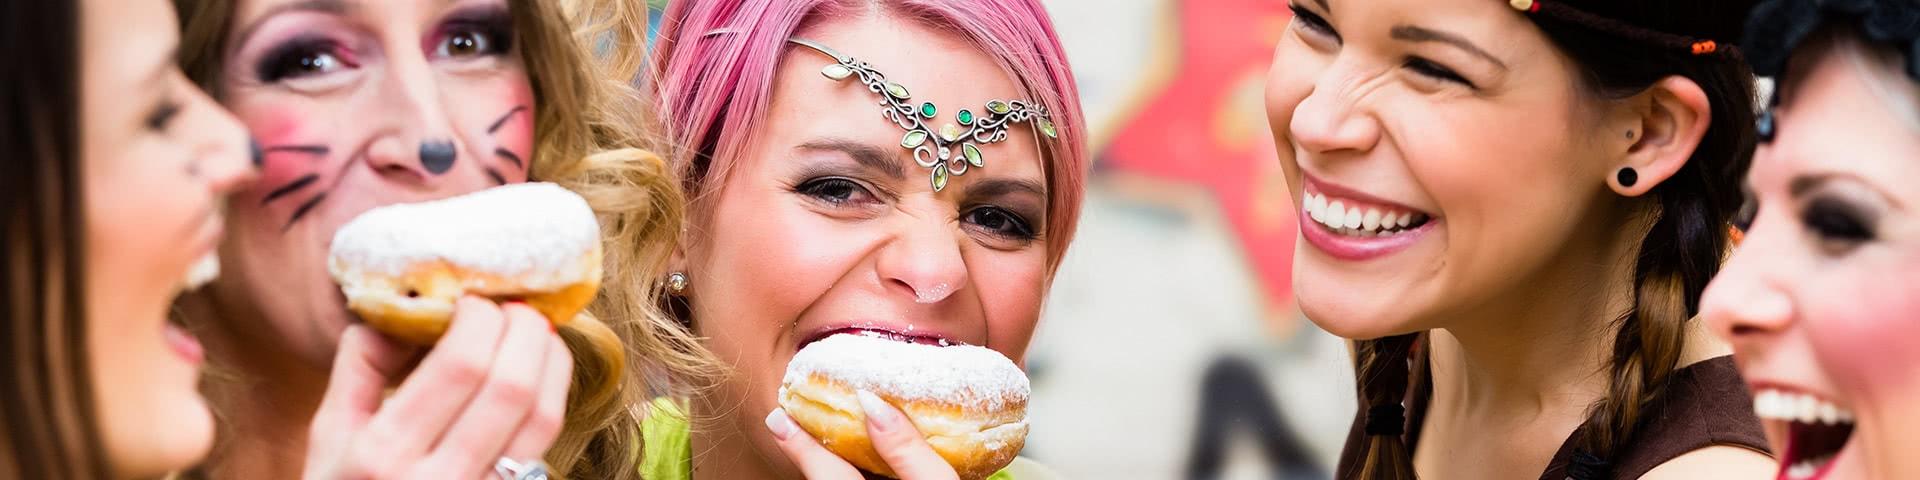 Vier verkleidete Frauen feiern Karneval und essen Berliner